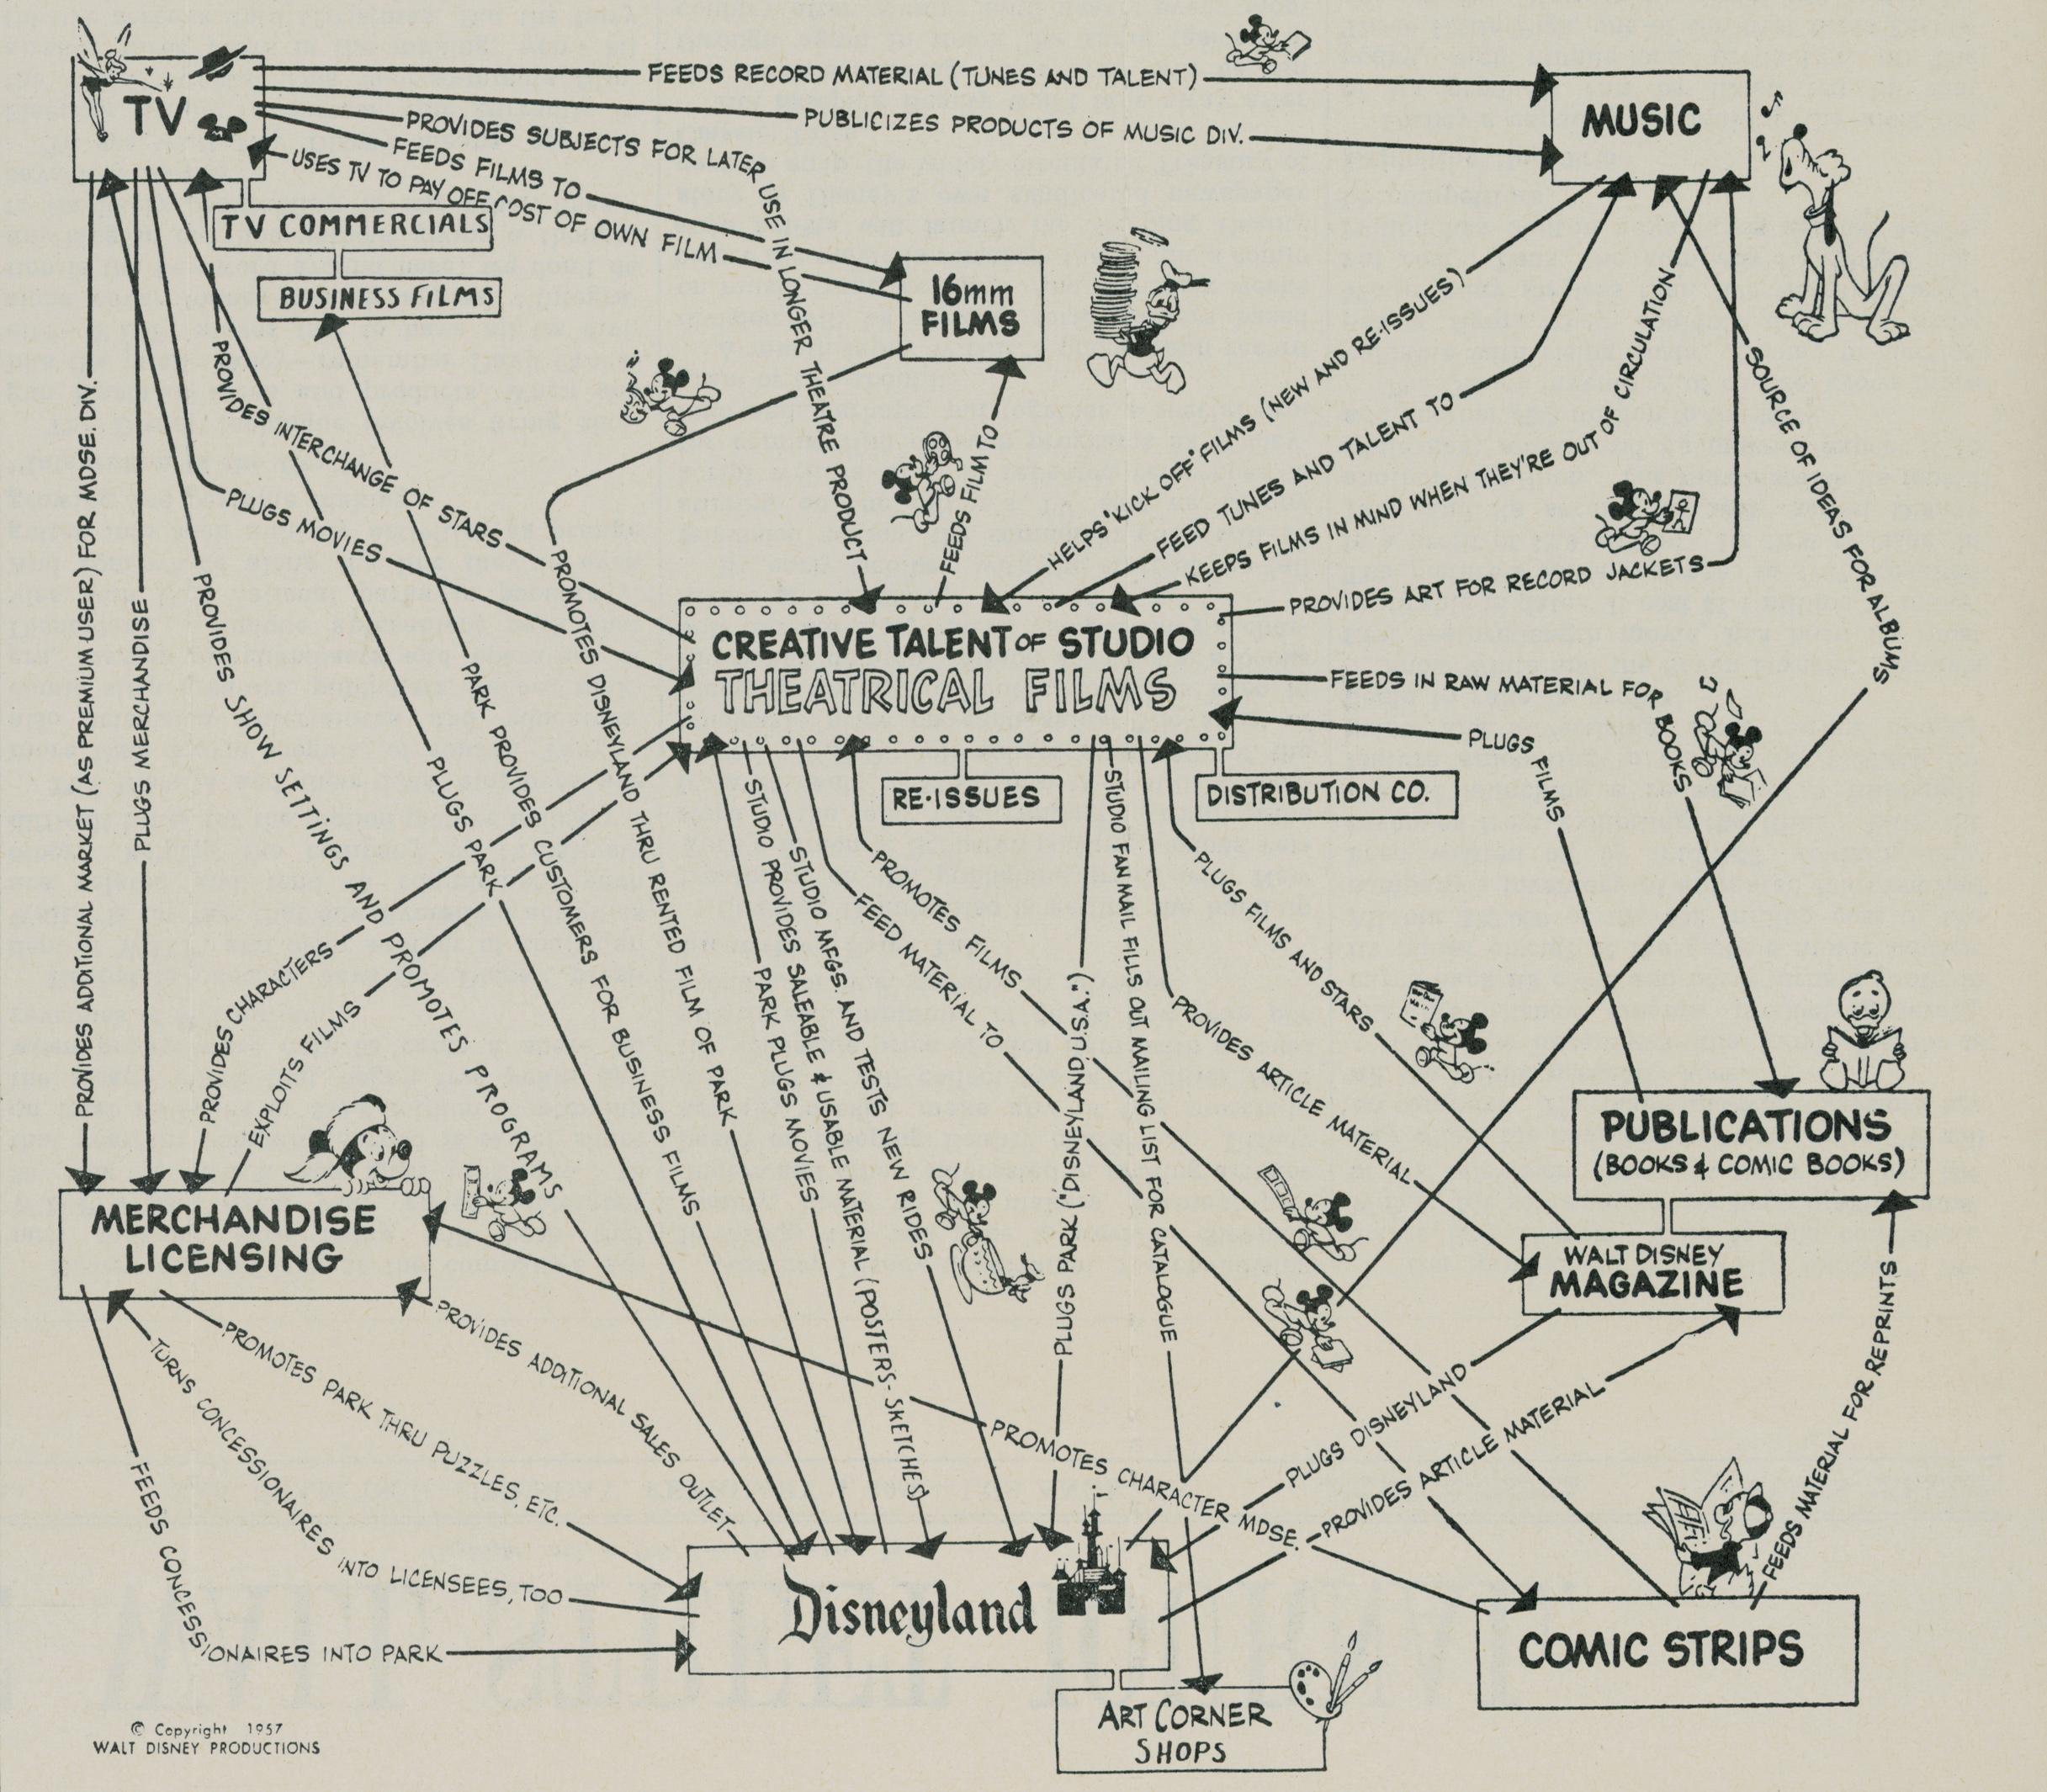 インフォグラフィック:ディズニー映画レシピは大ヒットの宝箱。白雪姫やアナと雪の女王など